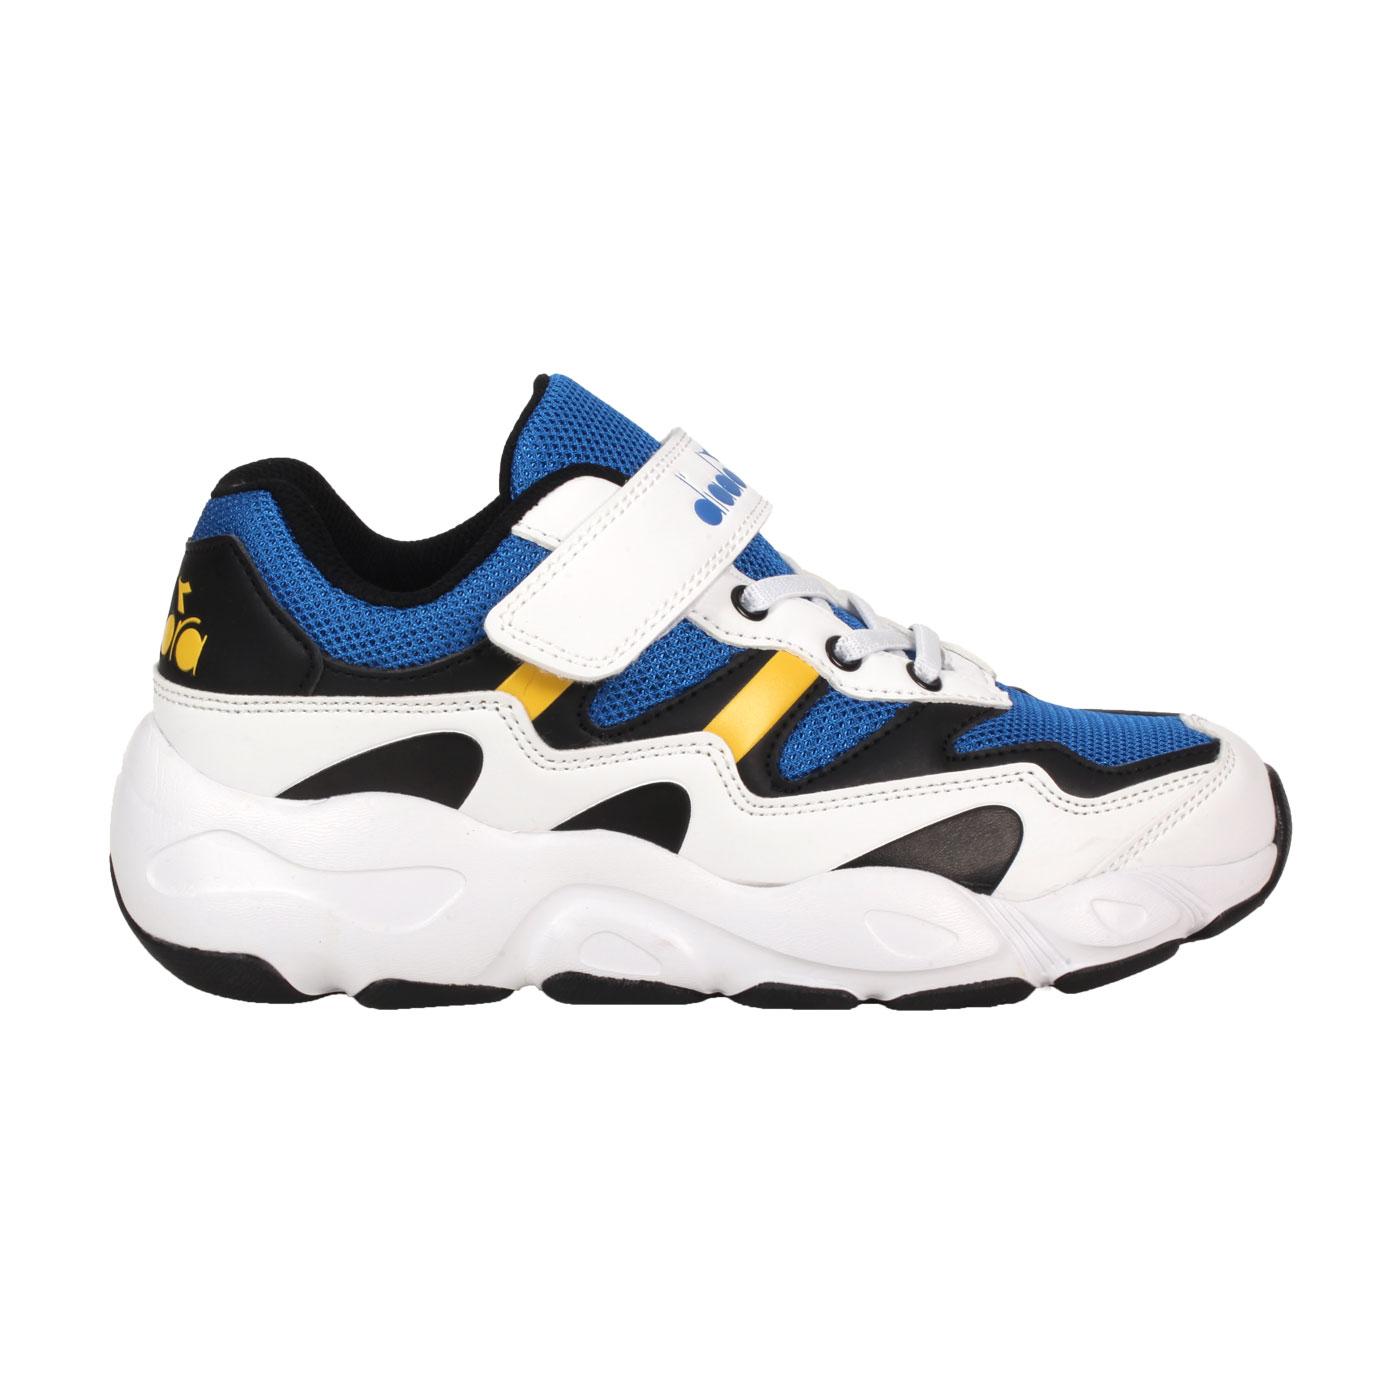 DIADORA 大童運動鞋-超寬楦 DA11029 - 白藍黃